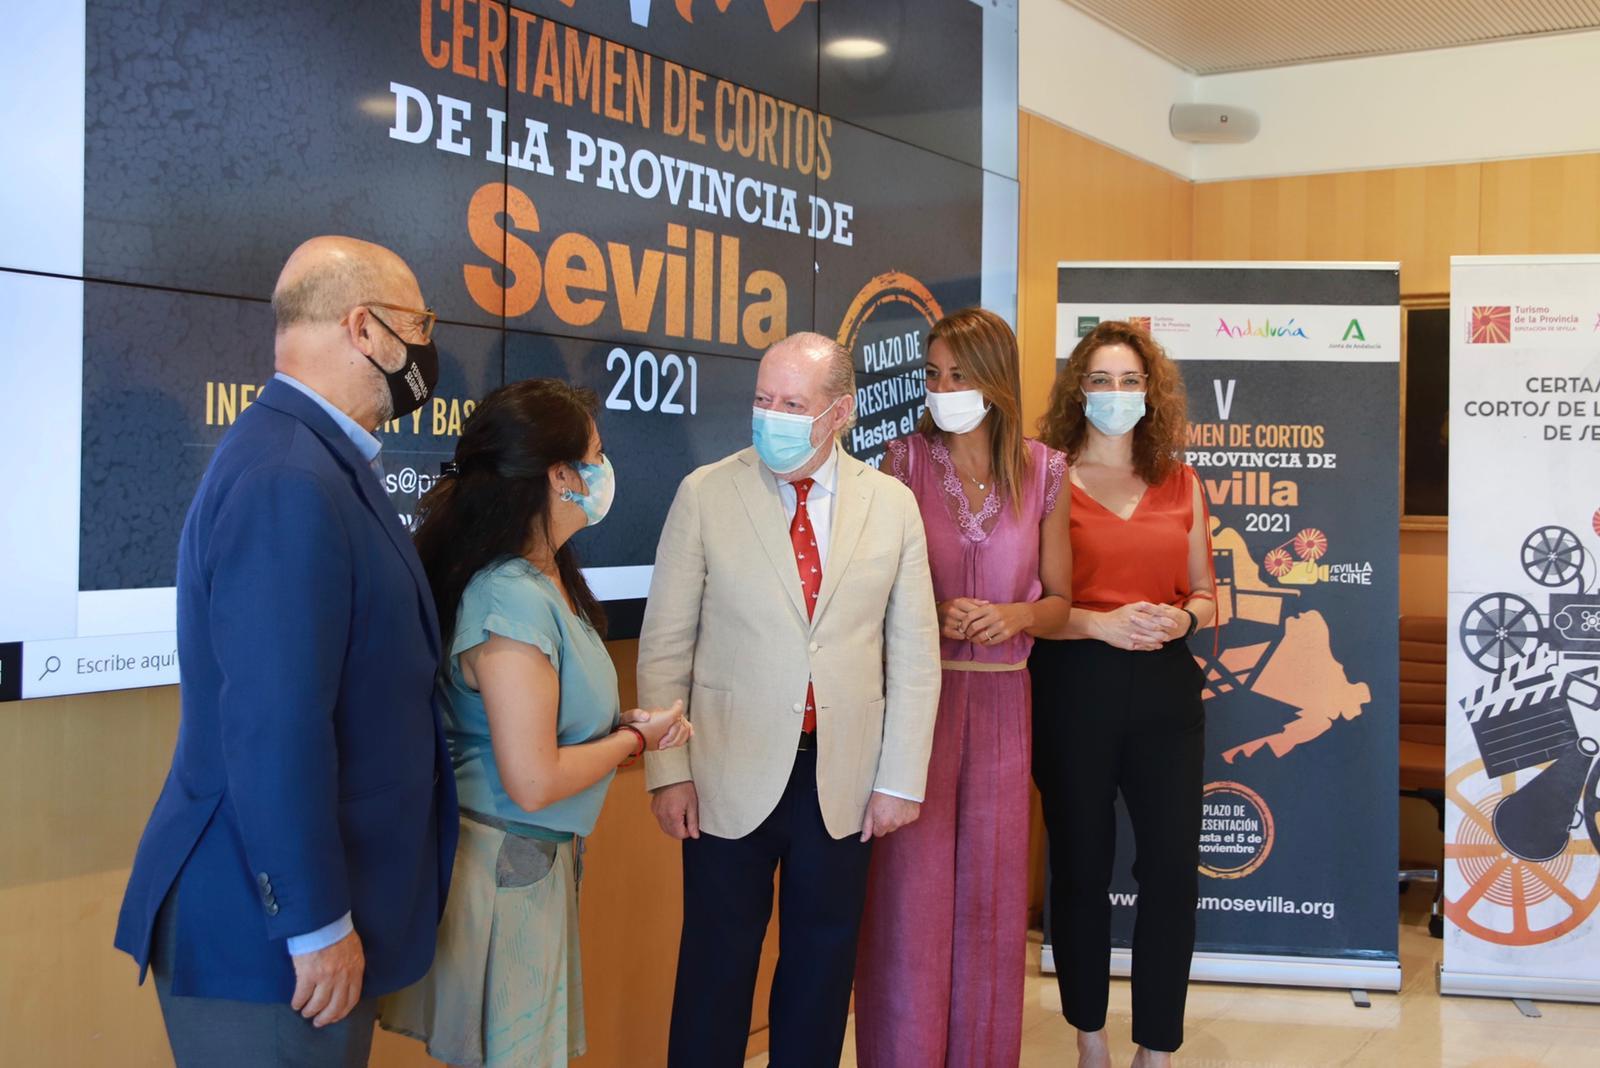 La Diputación vuelve a apoyar la producción audiovisual con el V Certamen de Cortos